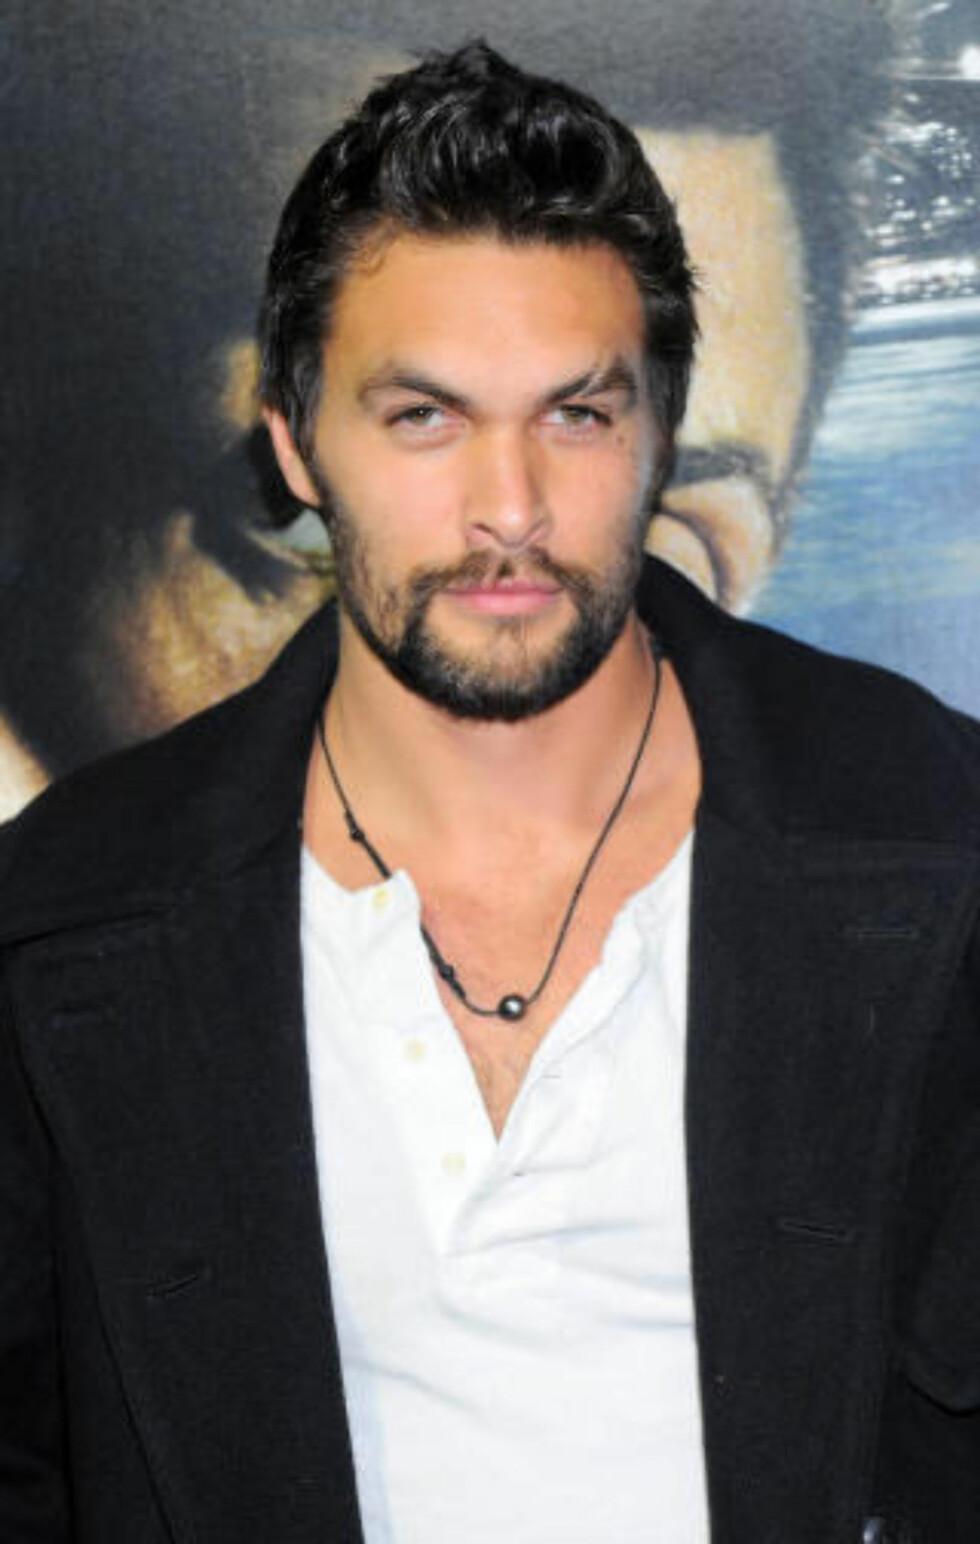 SÅNN SER HAN EGENTLIG UT: Jason Momoa, som spiller karakteren Khal Drogo i «Game of Thrones». Foto: Stella Pictures